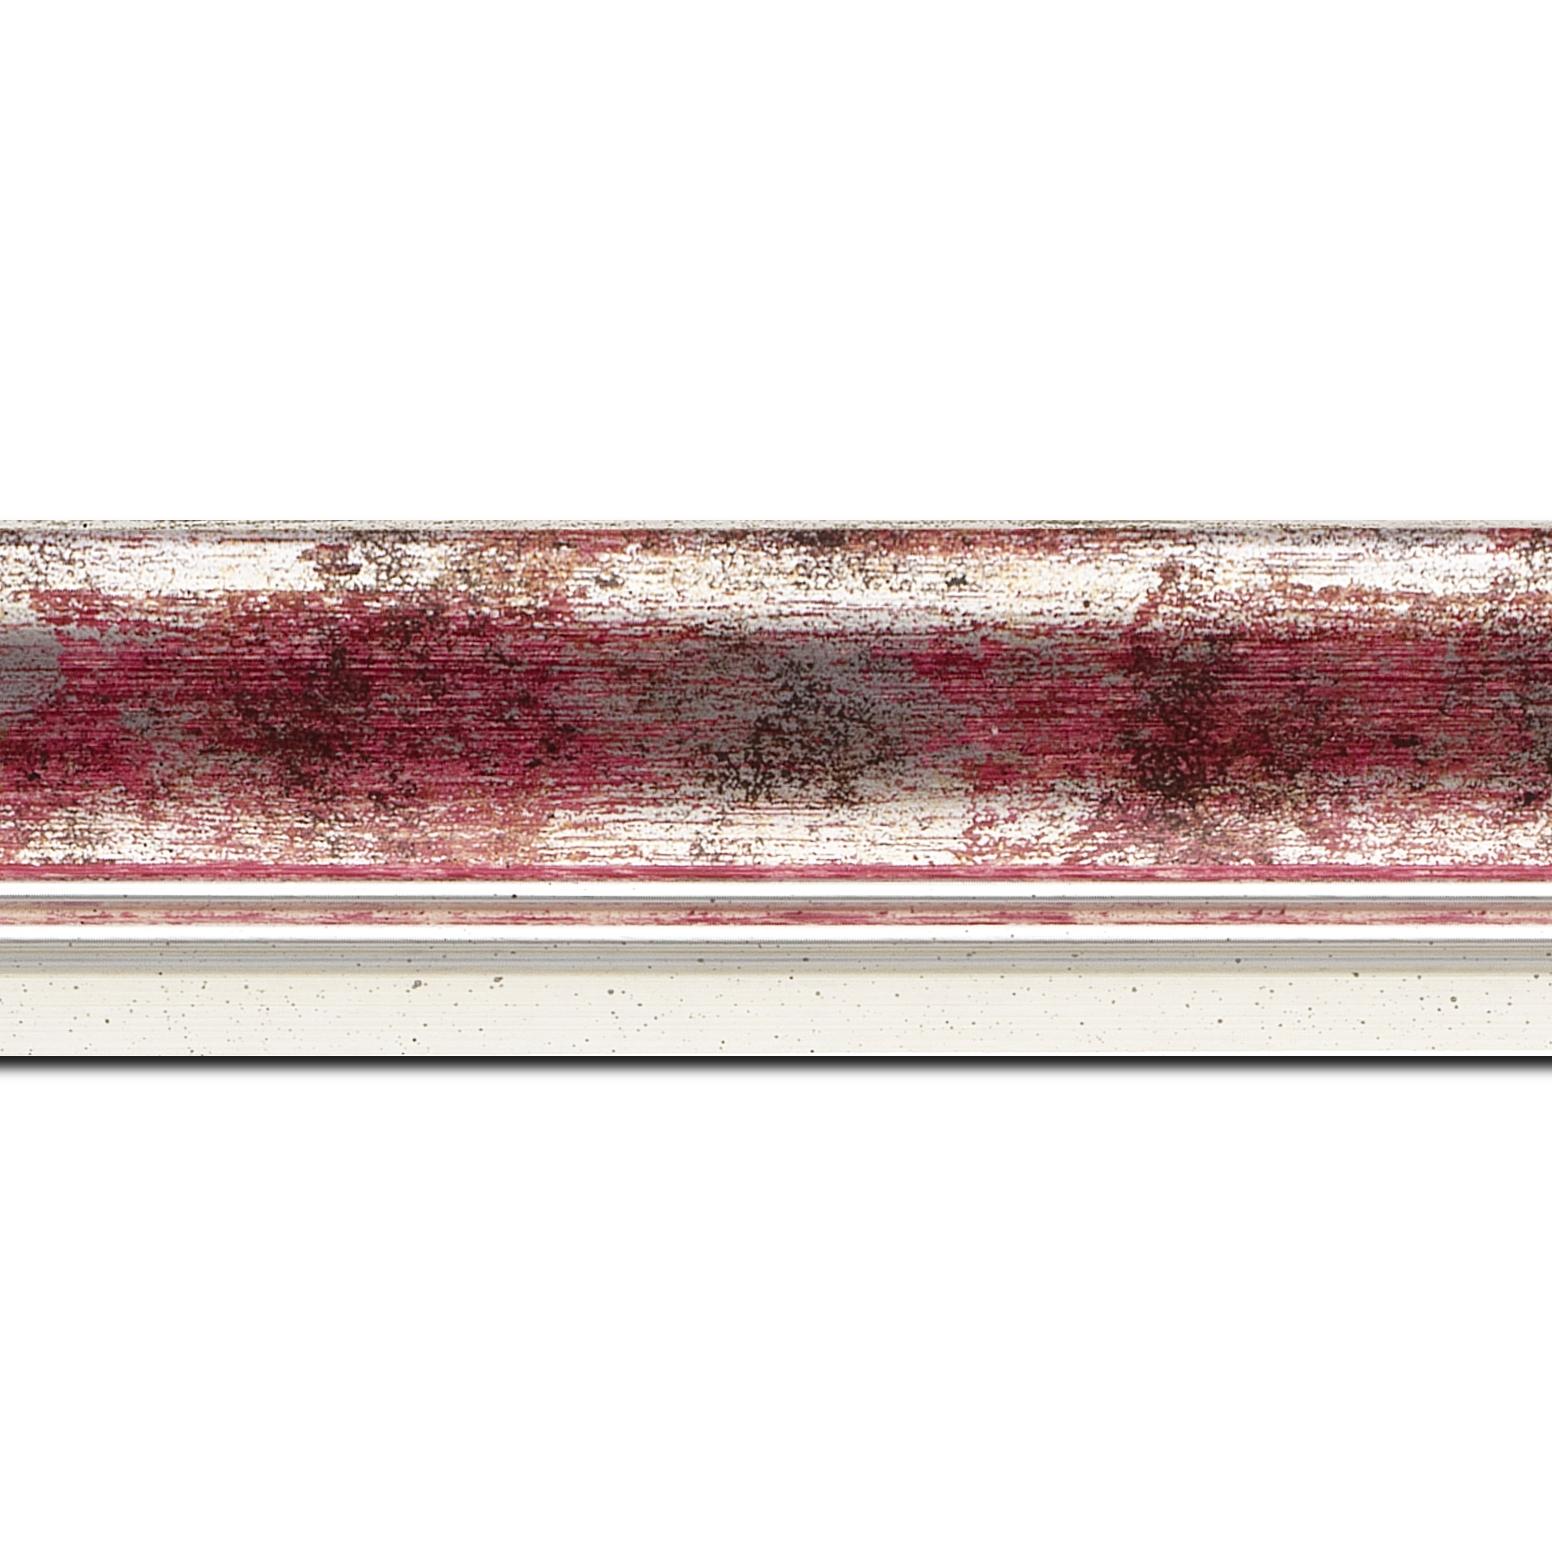 Baguette longueur 1.40m bois profil incurvé largeur 5.7cm de couleur rose fushia fond argent marie louise blanche mouchetée filet argent intégré